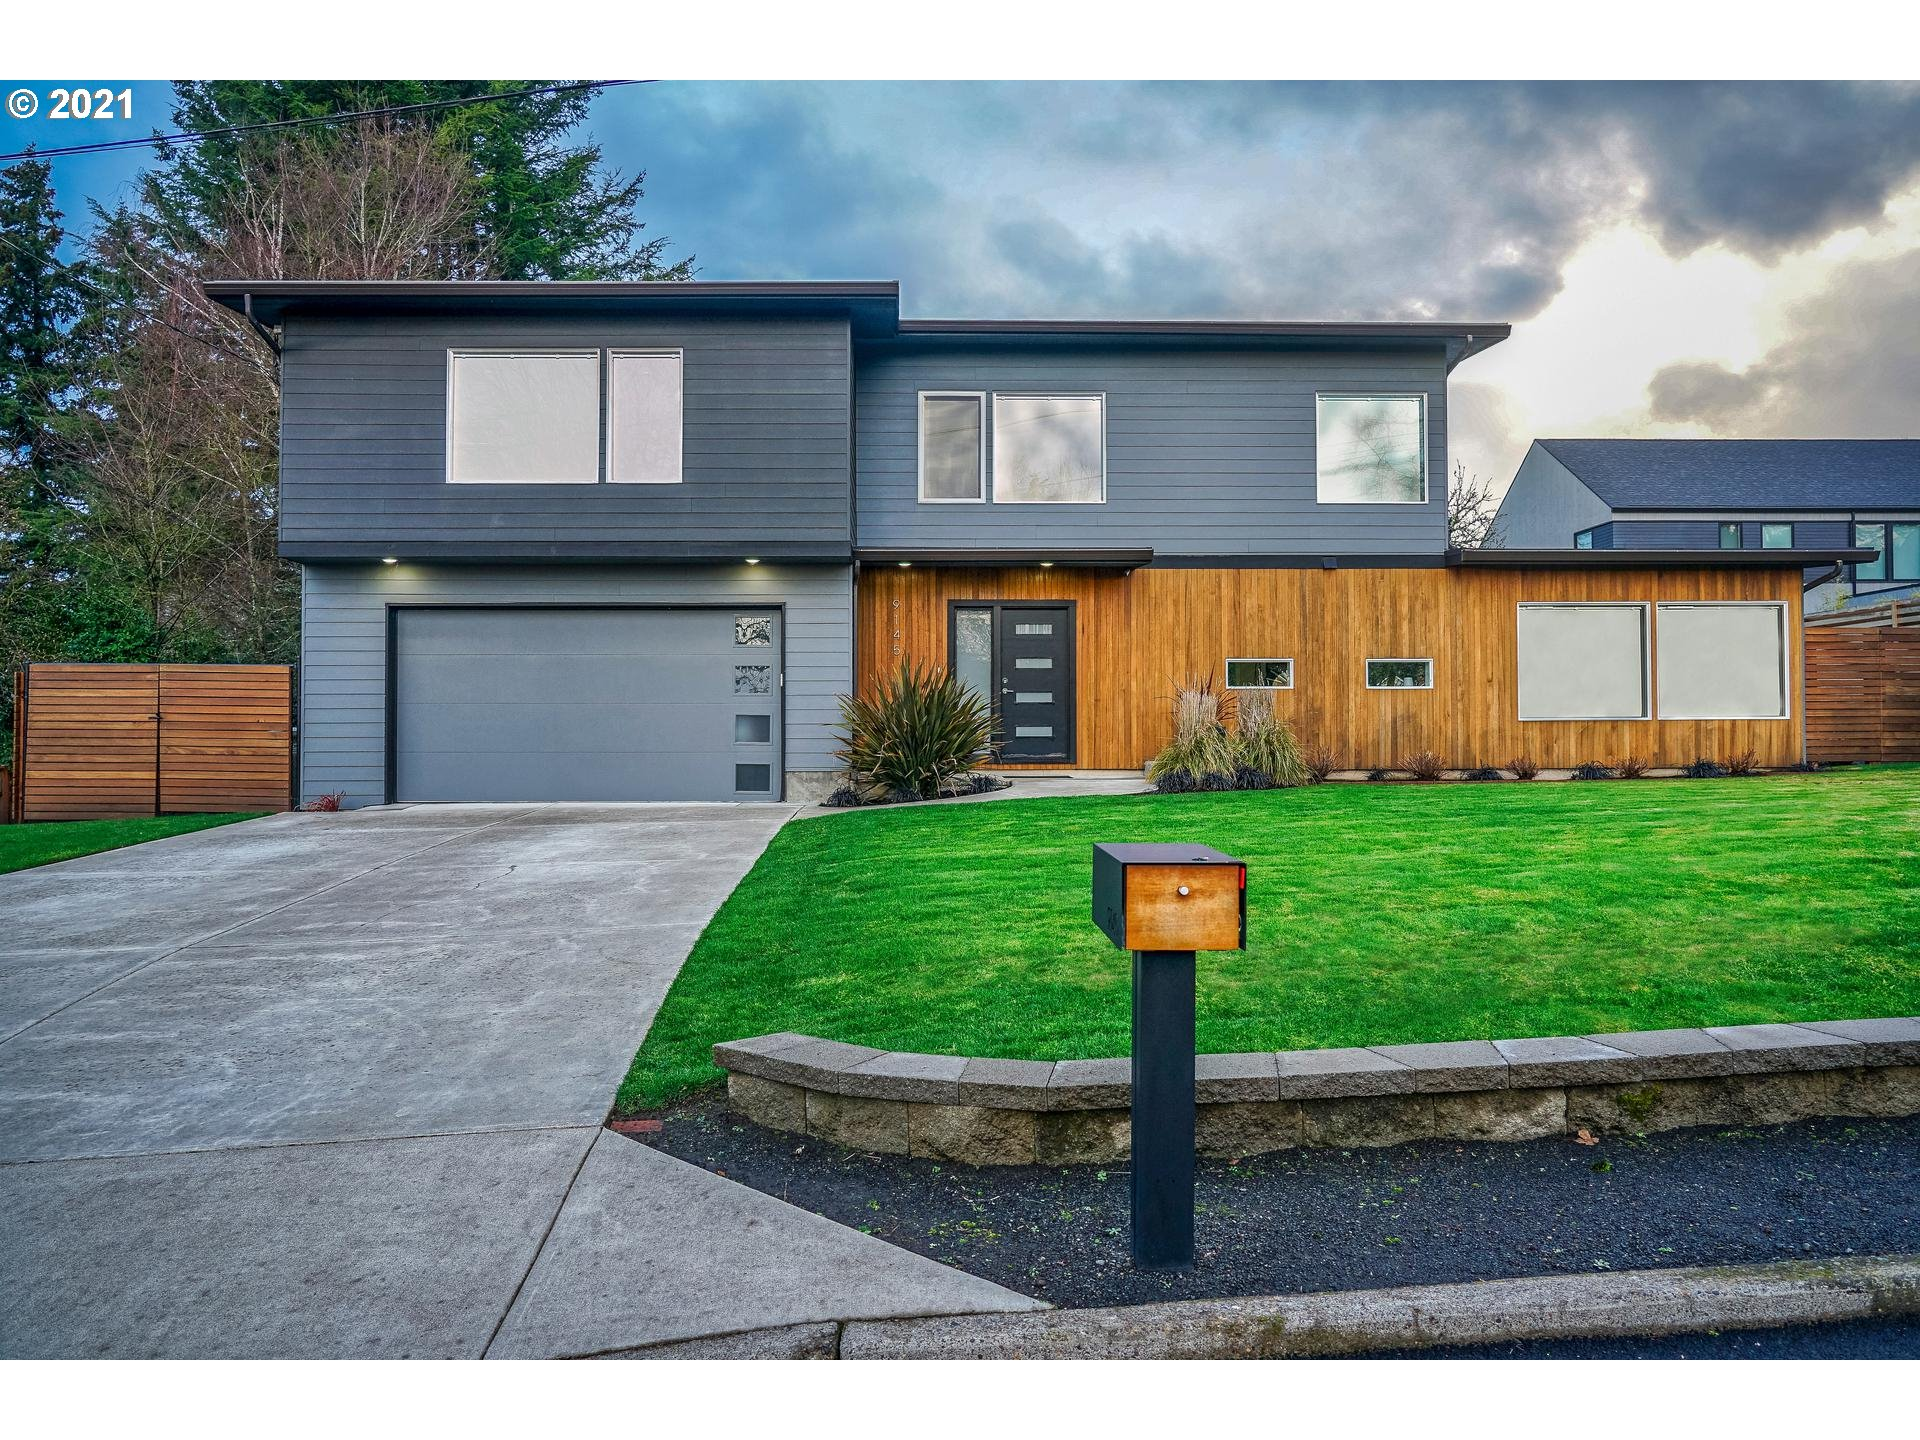 9145 NW LOVEJOY ST, Portland, OR 97229